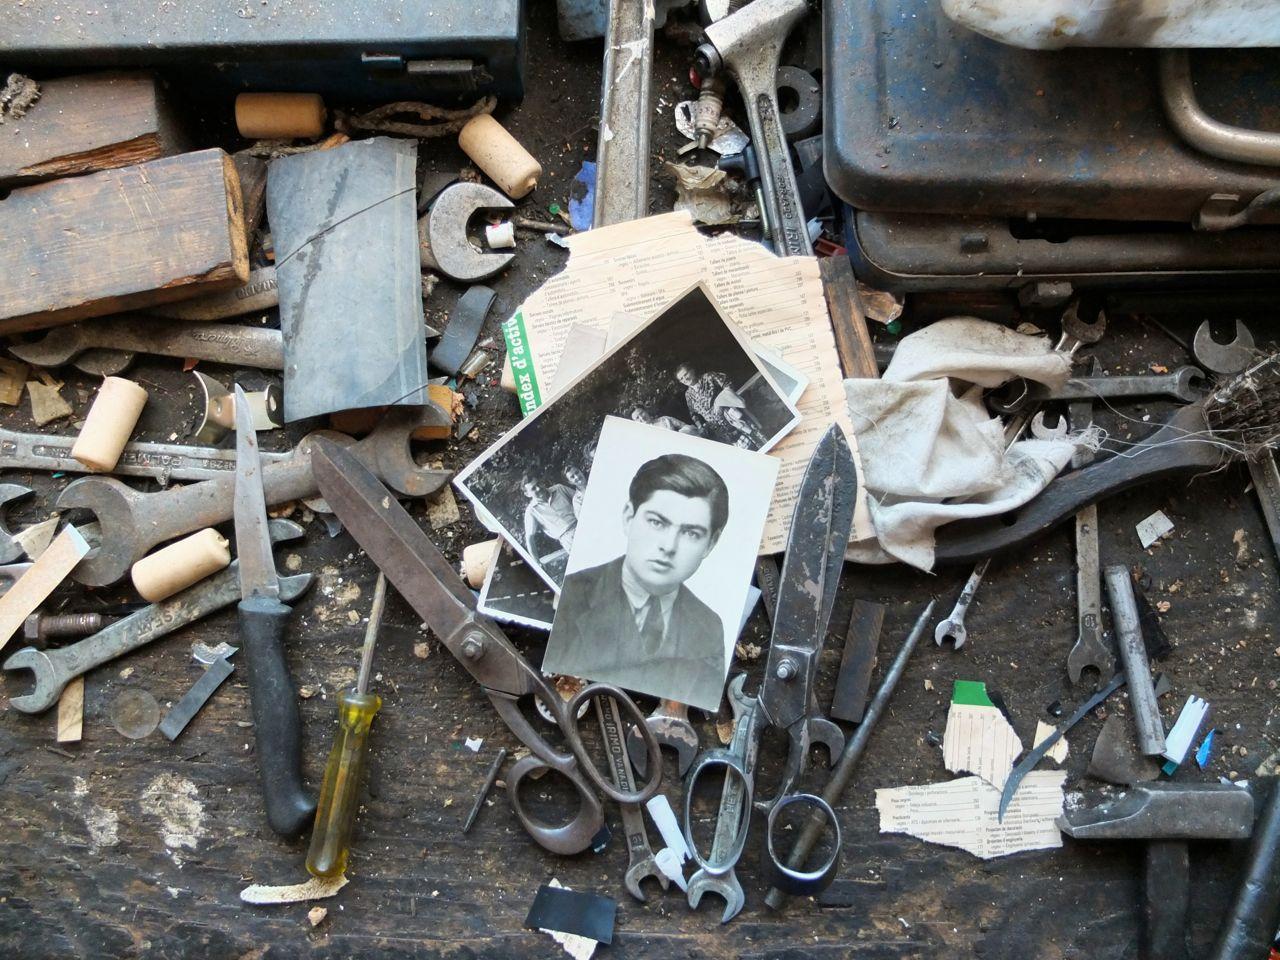 Retrat d'un dels protagonistes del llibre damunt l'antiga taula de treball del seu taller mecànic.